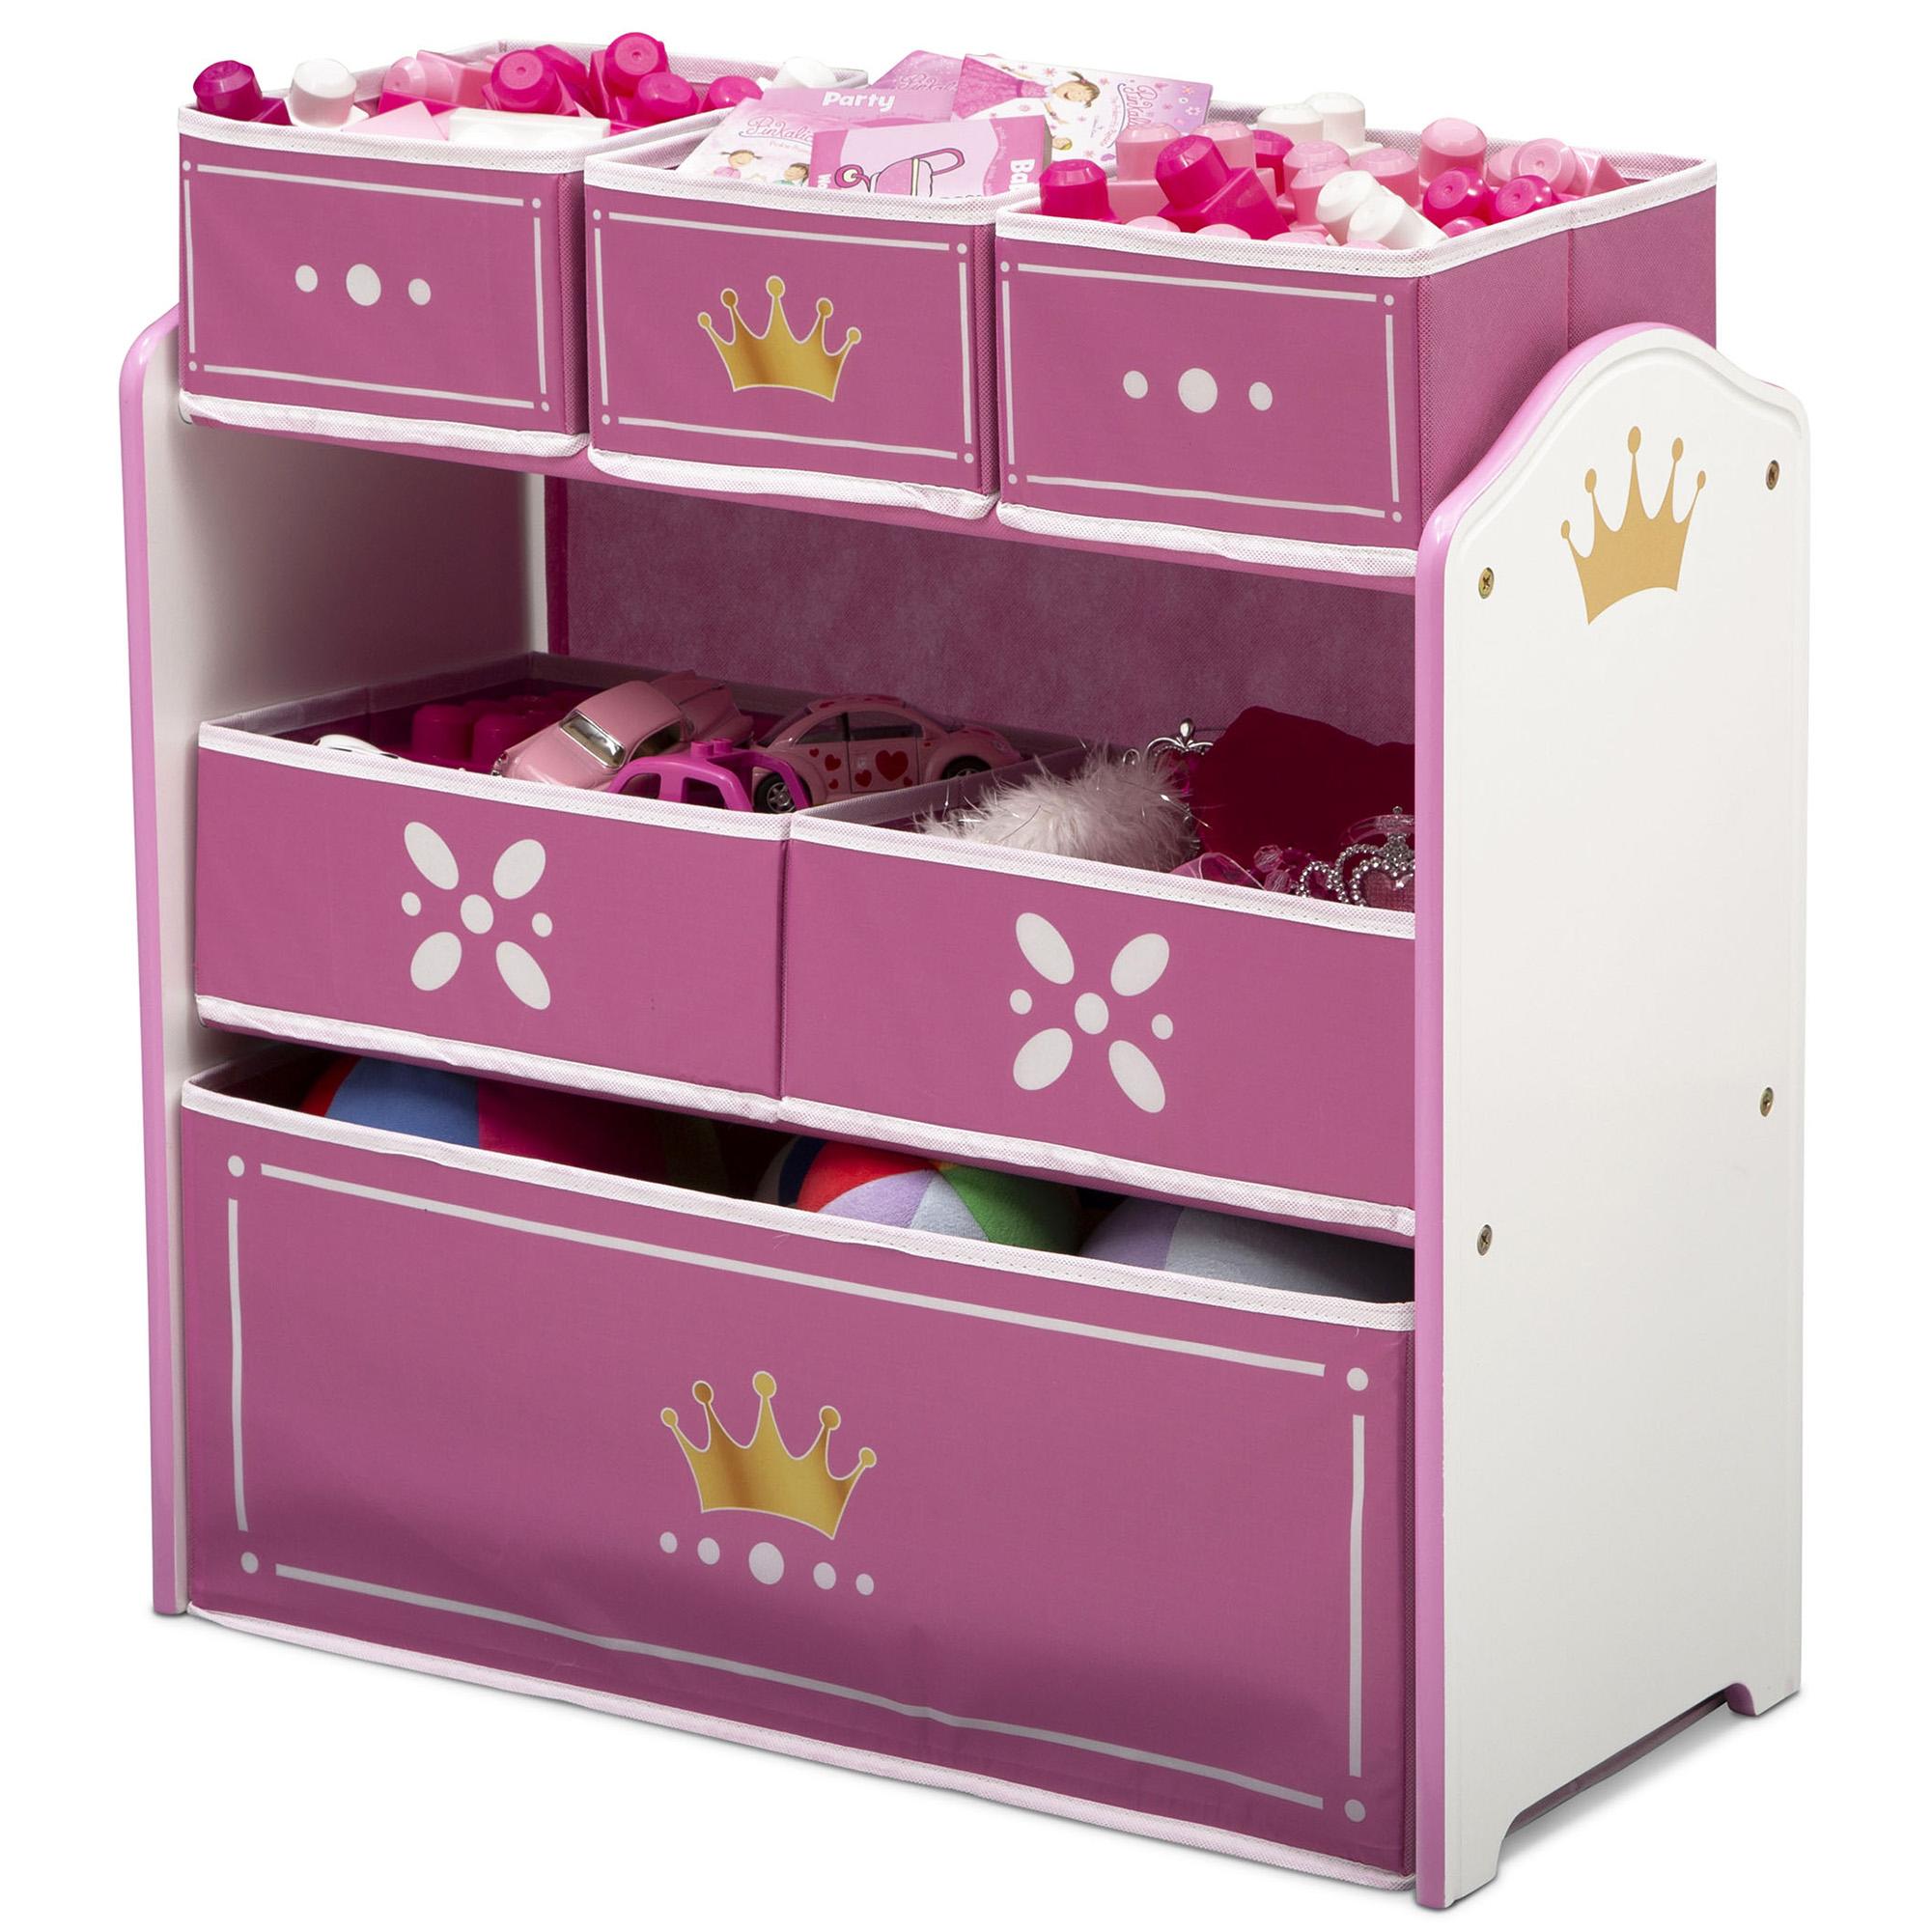 Delta Children Princess Crown Multi-Bin Toy Organizer, White/Pink